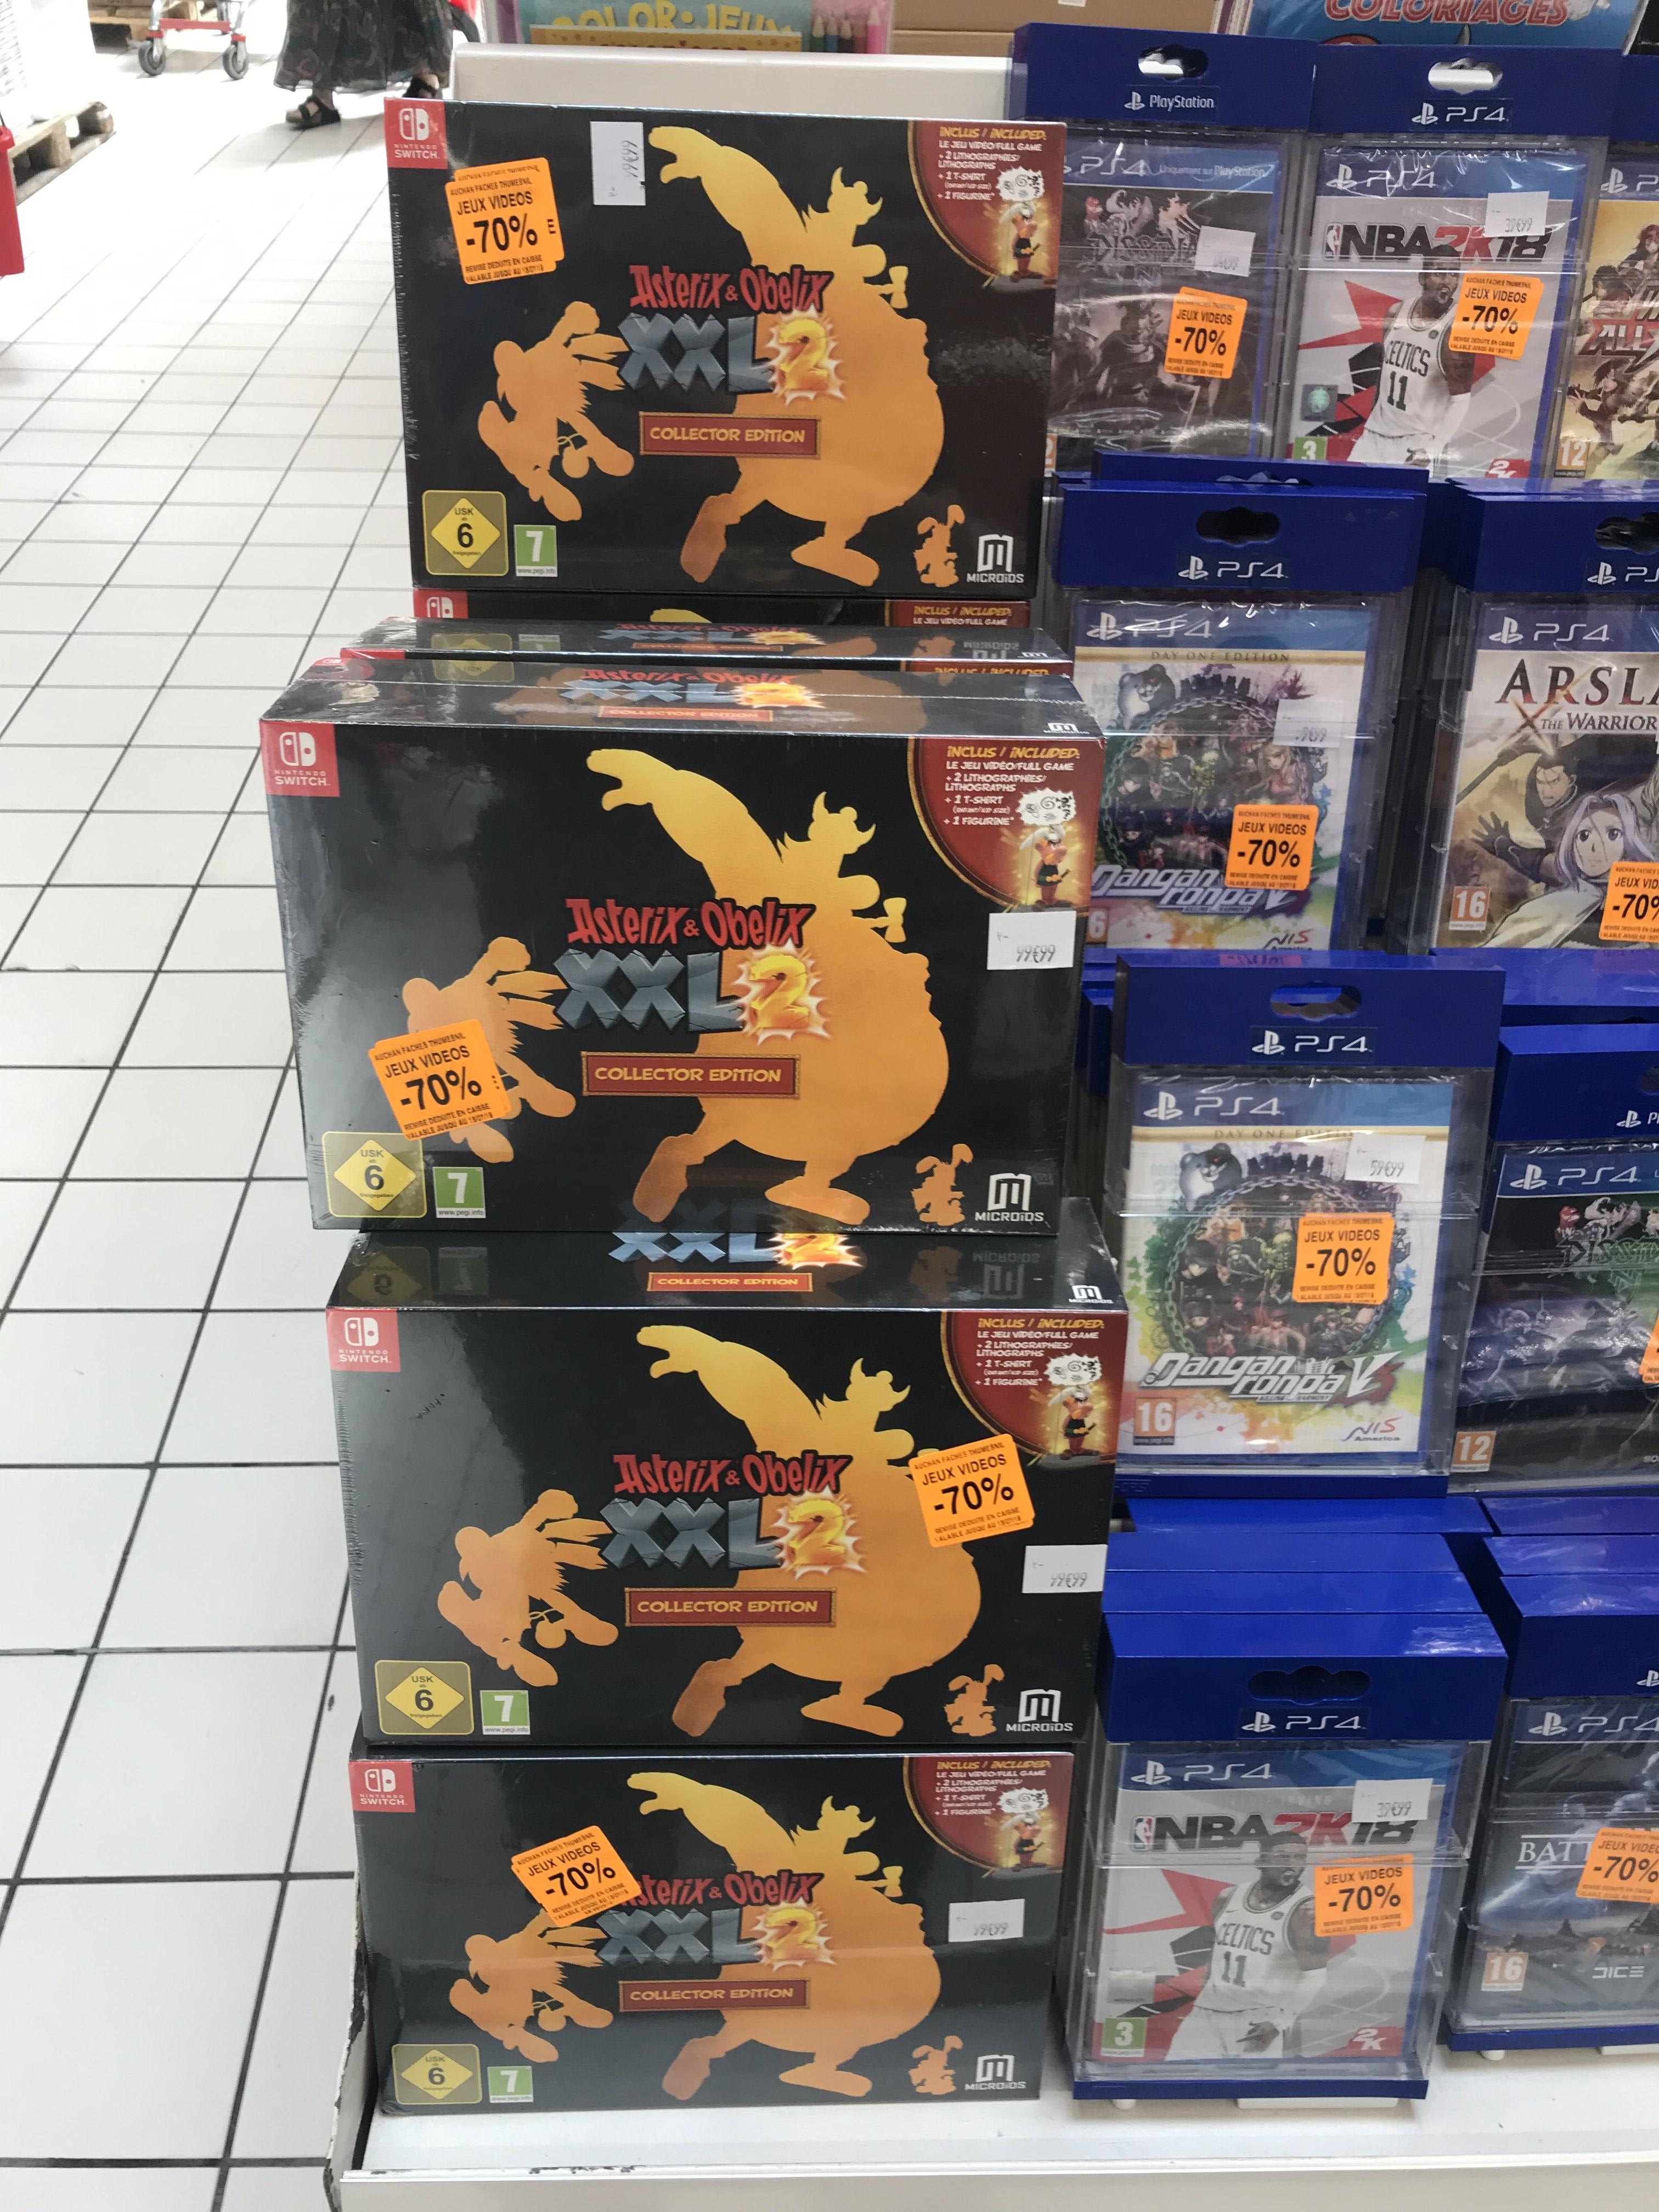 Sélection de jeux en promotion - Ex: Asterix & Obelix: XXL 2 (Remastered) - Édition Collector sur Switch - Faches-Thumesnil (59)